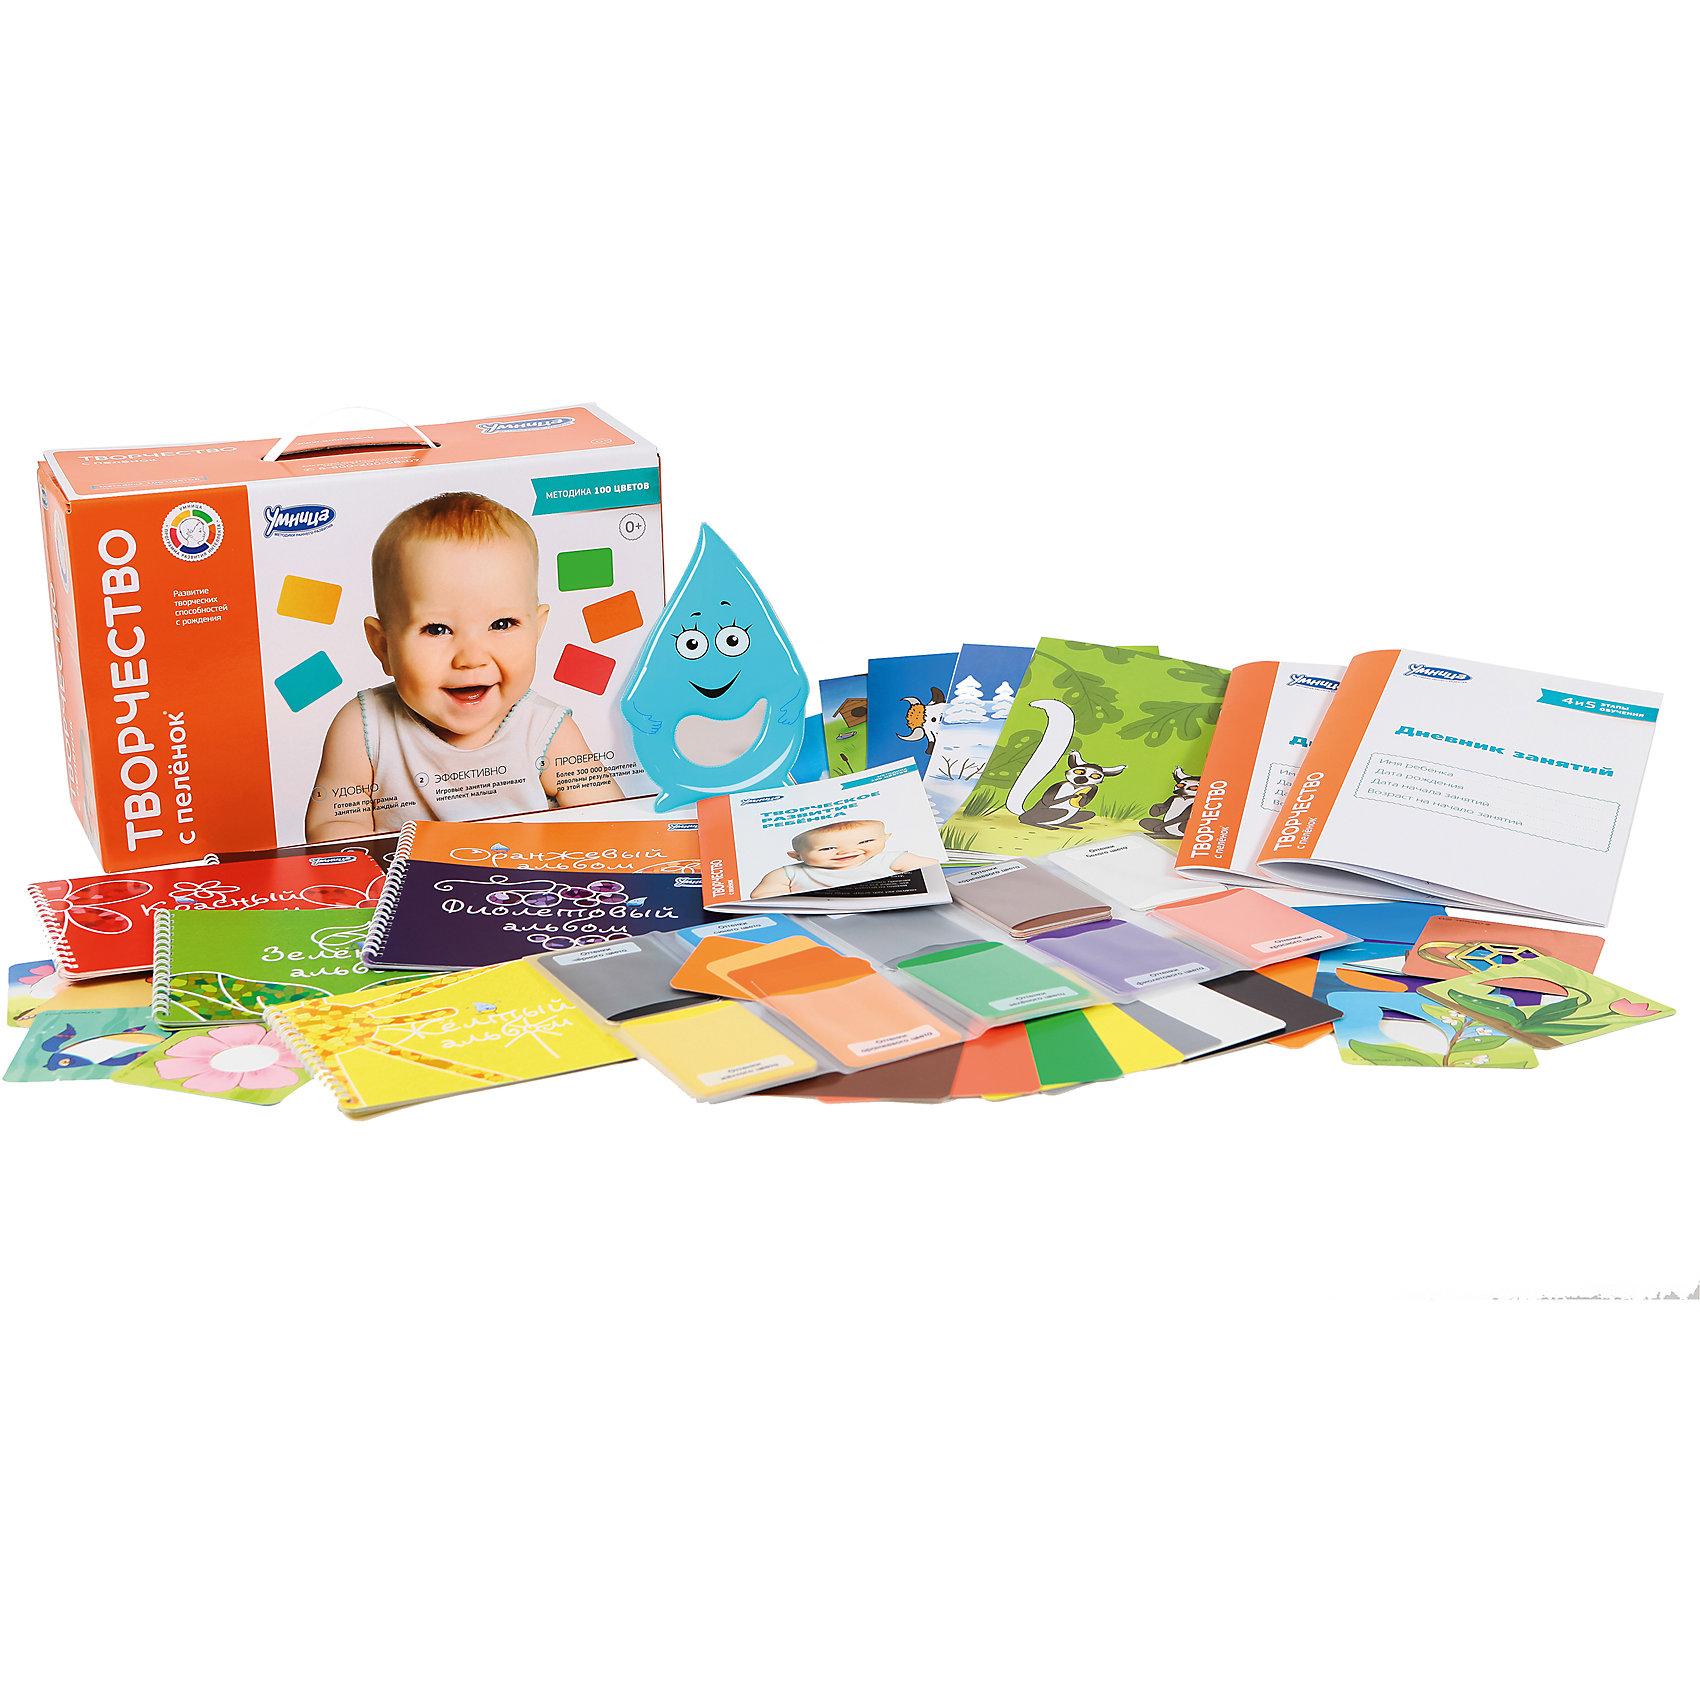 Развивающий комплект Творчество с пеленокУмница<br>Развивающий комплект Творчество с пеленок - это готовая программа игровых занятий на каждый день.<br>«Творчество с пелёнок» – это готовая программа для развития творческих способностей детей. Она идеальна для занятий в домашних условиях, каждый ваш день с малышом будет наполнен яркими красками! Комплексный подход к творчеству — особенность программы. Вас с малышом ждут: знакомство со 100 цветами; изобразительное искусство; конструирование; развитие музыкального слуха и вкуса; литературное творчество. Творчество – это естественное состояние малыша, он открыт ко всему новому и готов создавать. 55 недель готовых тематических занятий. Все занятия короткие и интересные, их легко проводить. Ведь в комплекте есть и подробные сценарии, и все материалы для ваших игр с малышом. «Творчество с пелёнок» подстраивается под возраст ребёнка, предлагая всё новые игры и оставаясь таким же интересным, как и в первый день знакомства!<br><br>Дополнительная информация:<br><br>- В комплекте: Книга «Творческое развитие ребёнка», Дневники занятий, 10 больших карточек с основными цветами (10,5х15 см), 100 карточек с цветами и оттенками (7х10 см), 9 цветных альбомов (по количеству цветовых групп), 9 арт-конструкторов и 16 трафаретов (простые и сложные), 20 арт-листов для совместного творчества, Игрушка – Волшебная Капелька, Музыка для занятий (скачать музыку вы сможете по ссылке, указанной на комплекте)<br>- Размер упаковки: 38,5 х 14,5 х 24 см.<br>- Вес: 2250 гр.<br><br>Развивающий комплект Творчество с пеленок можно купить в нашем интернет-магазине.<br><br>Ширина мм: 385<br>Глубина мм: 145<br>Высота мм: 240<br>Вес г: 2250<br>Возраст от месяцев: 0<br>Возраст до месяцев: 36<br>Пол: Унисекс<br>Возраст: Детский<br>SKU: 4200792